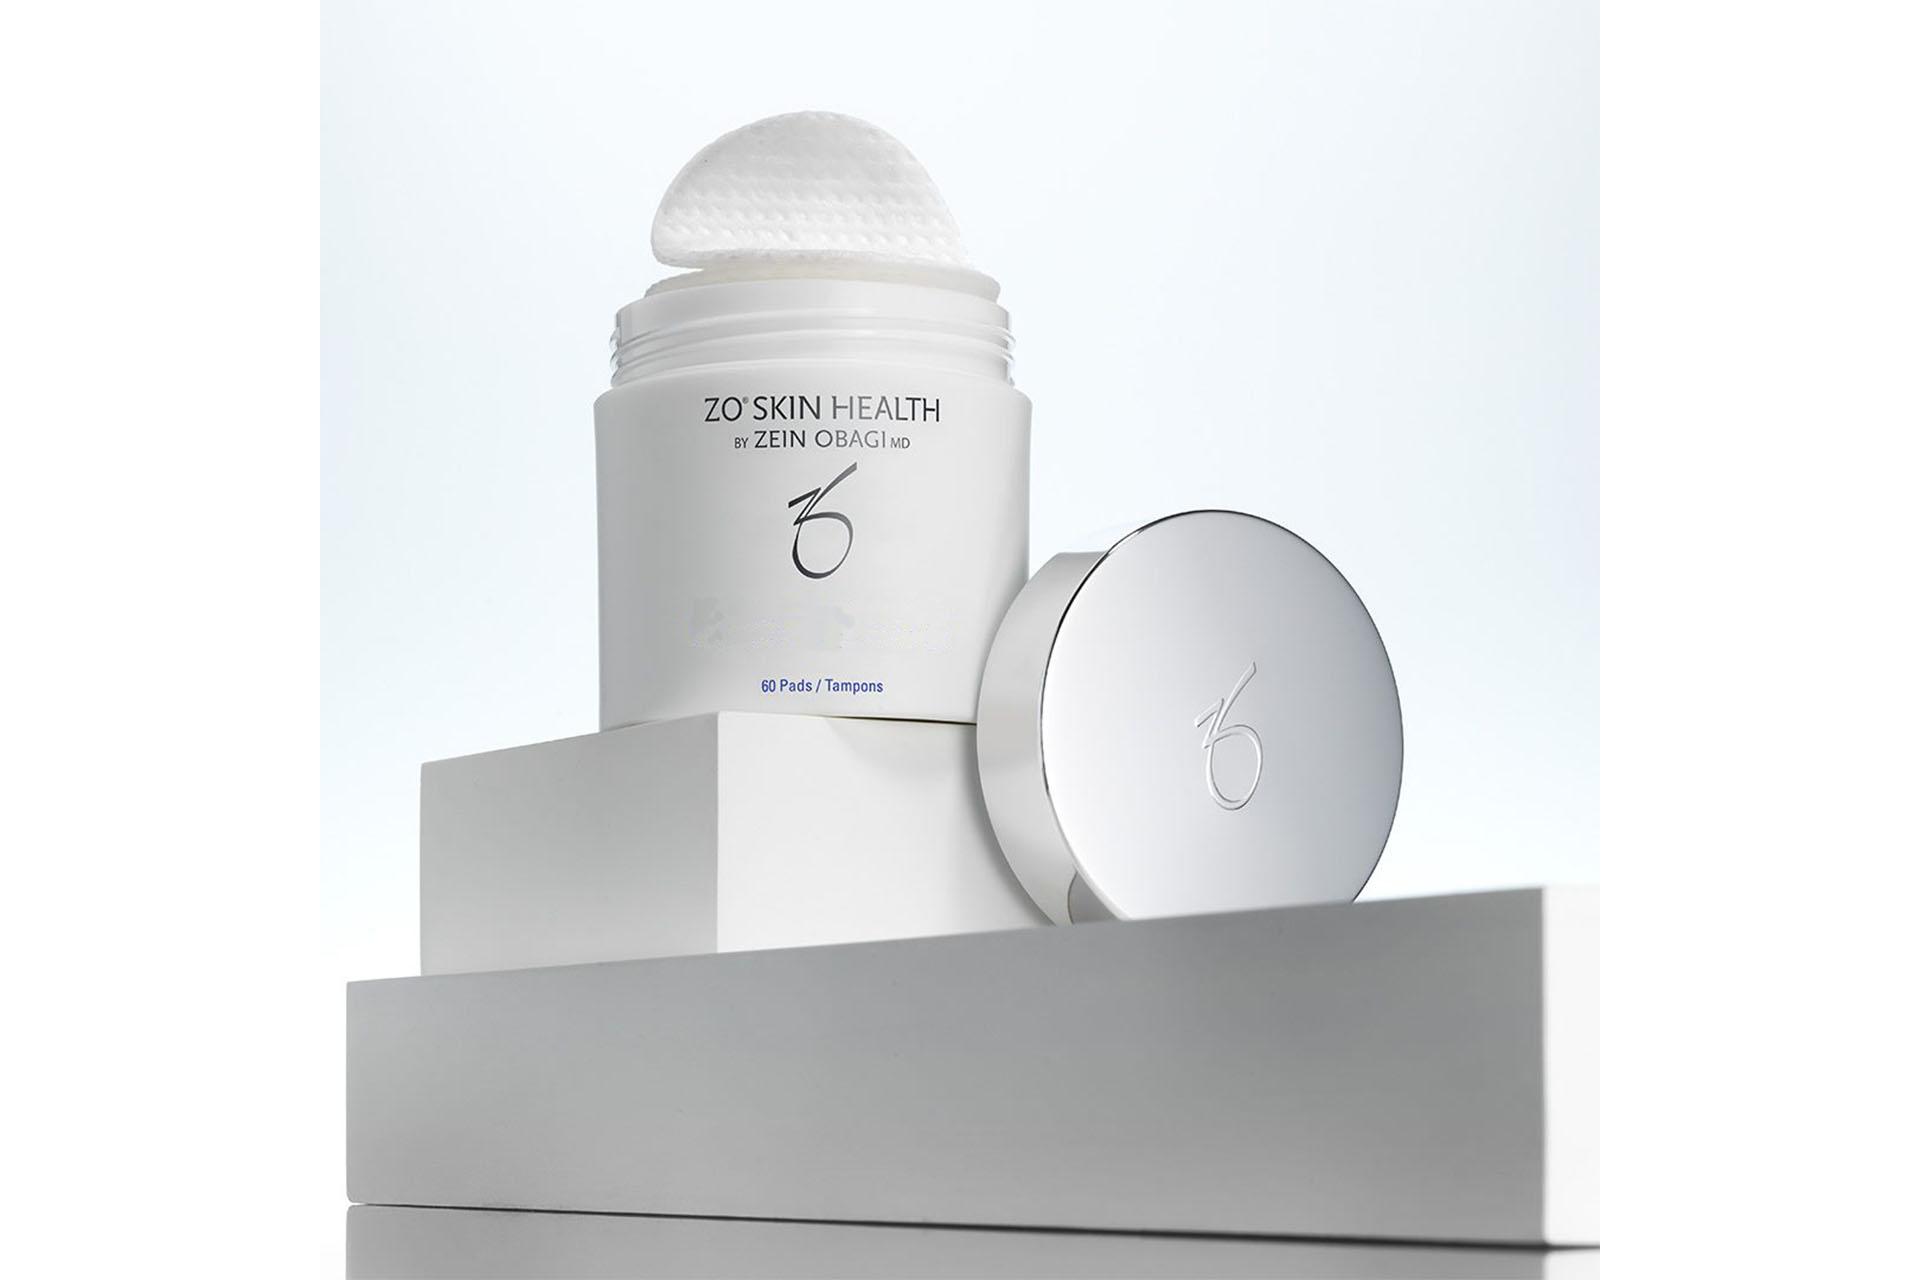 健康肌膚養護組是混合性肌膚專屬的保養品,給您在一年四季最合適的肌膚保養與照顧,如果你不知道怎麼選擇保養品,健康肌膚養護組會是首選,要買最適合混合性肌膚的保養品就到DRX達特仕購物網站!